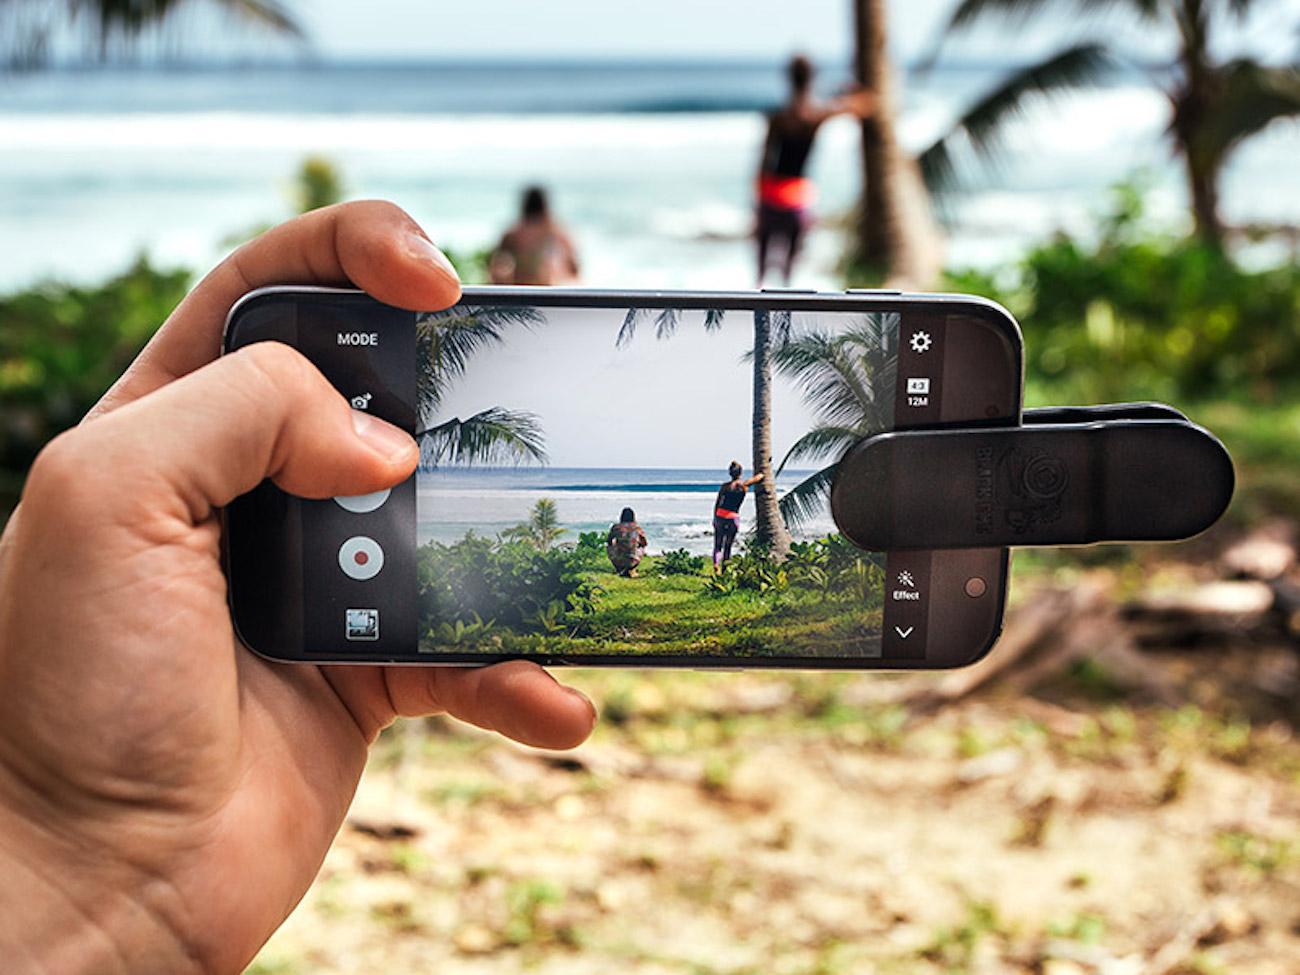 Black+Eye+Pro+Kit+Smartphone+Lens+Clips